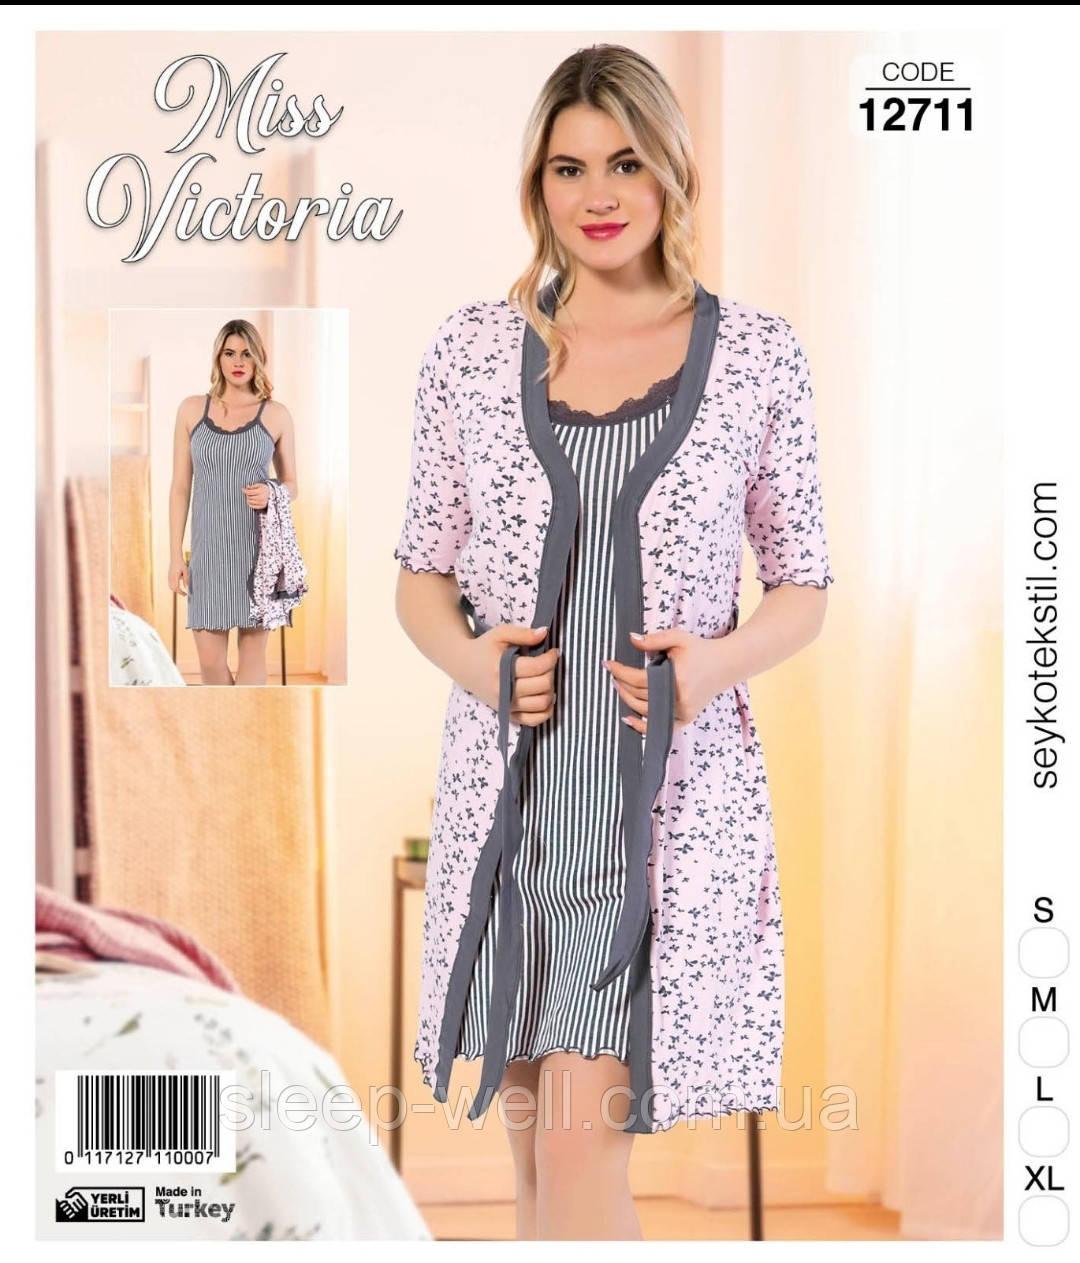 Комплект халат з нічною сорочкою, Miss Victoria